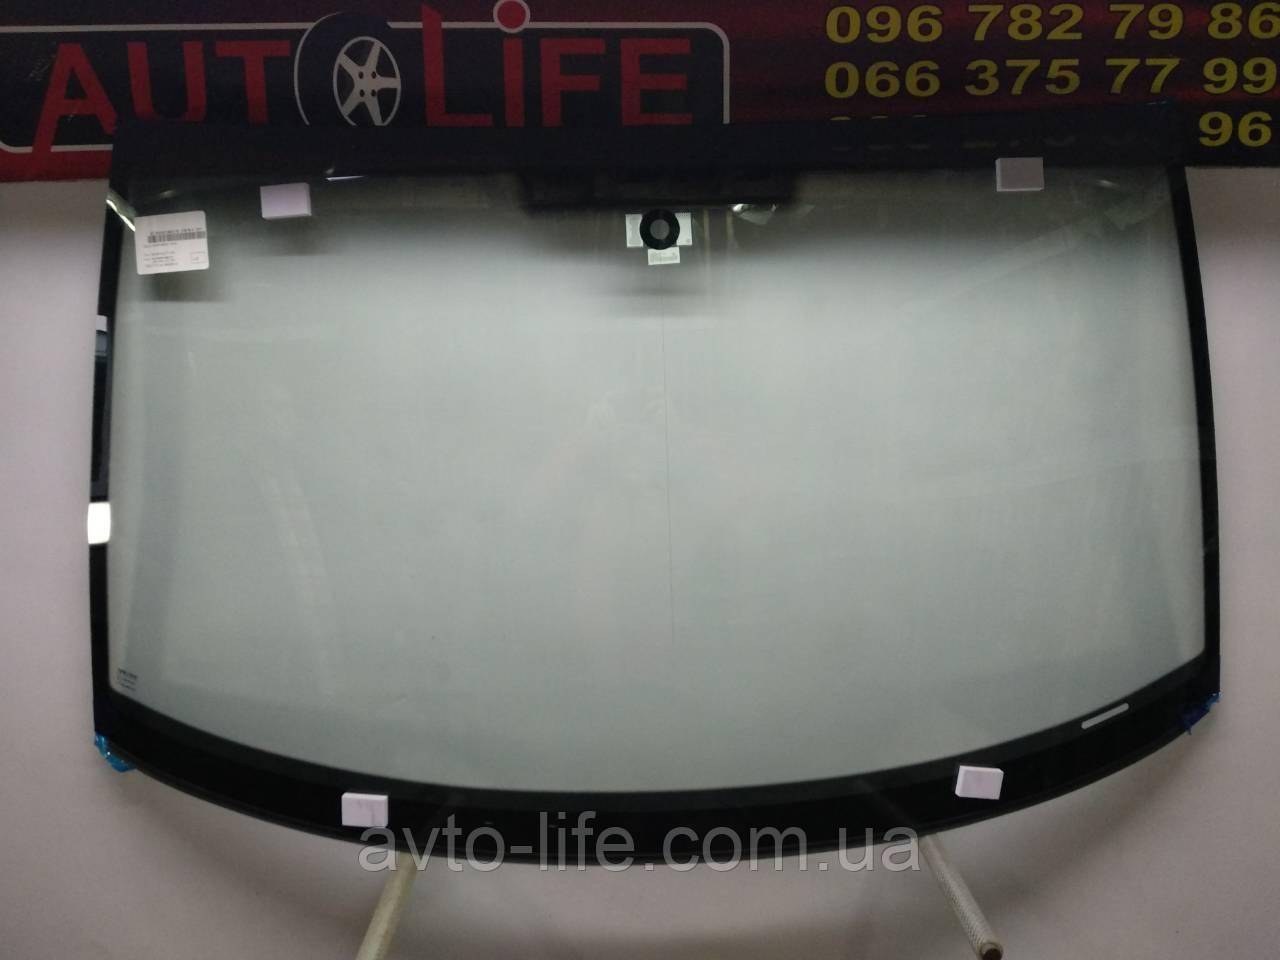 Лобовое стекло VOLKSWAGEN T5 (2003 г. - ) антенна, датчик дождя |ОРИГИНАЛ| Автостекло Т5 с антенной, датчиком